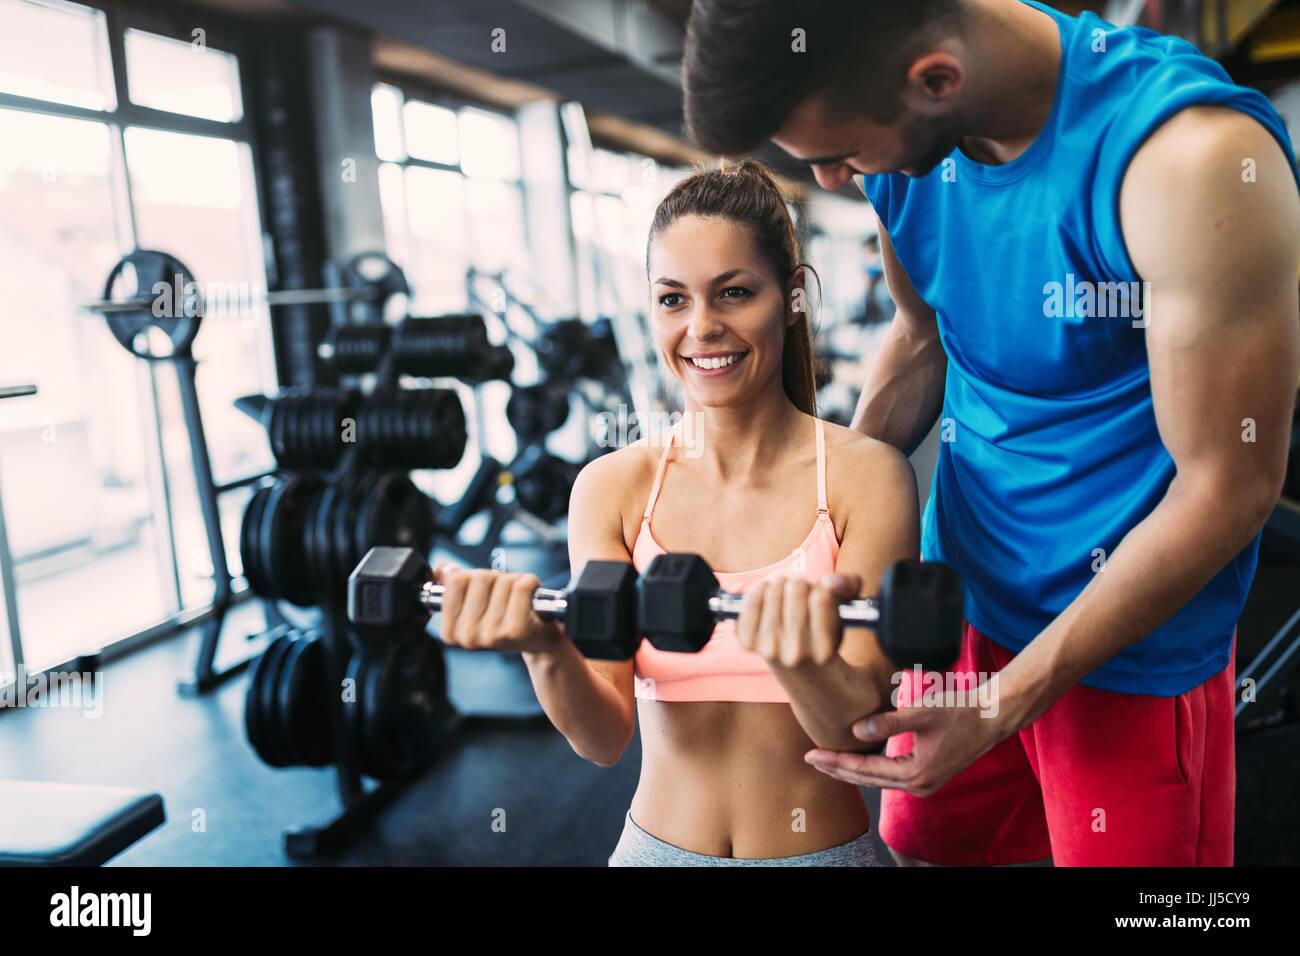 Bella mujer haciendo ejercicios en el gimnasio con entrenador personal Imagen De Stock